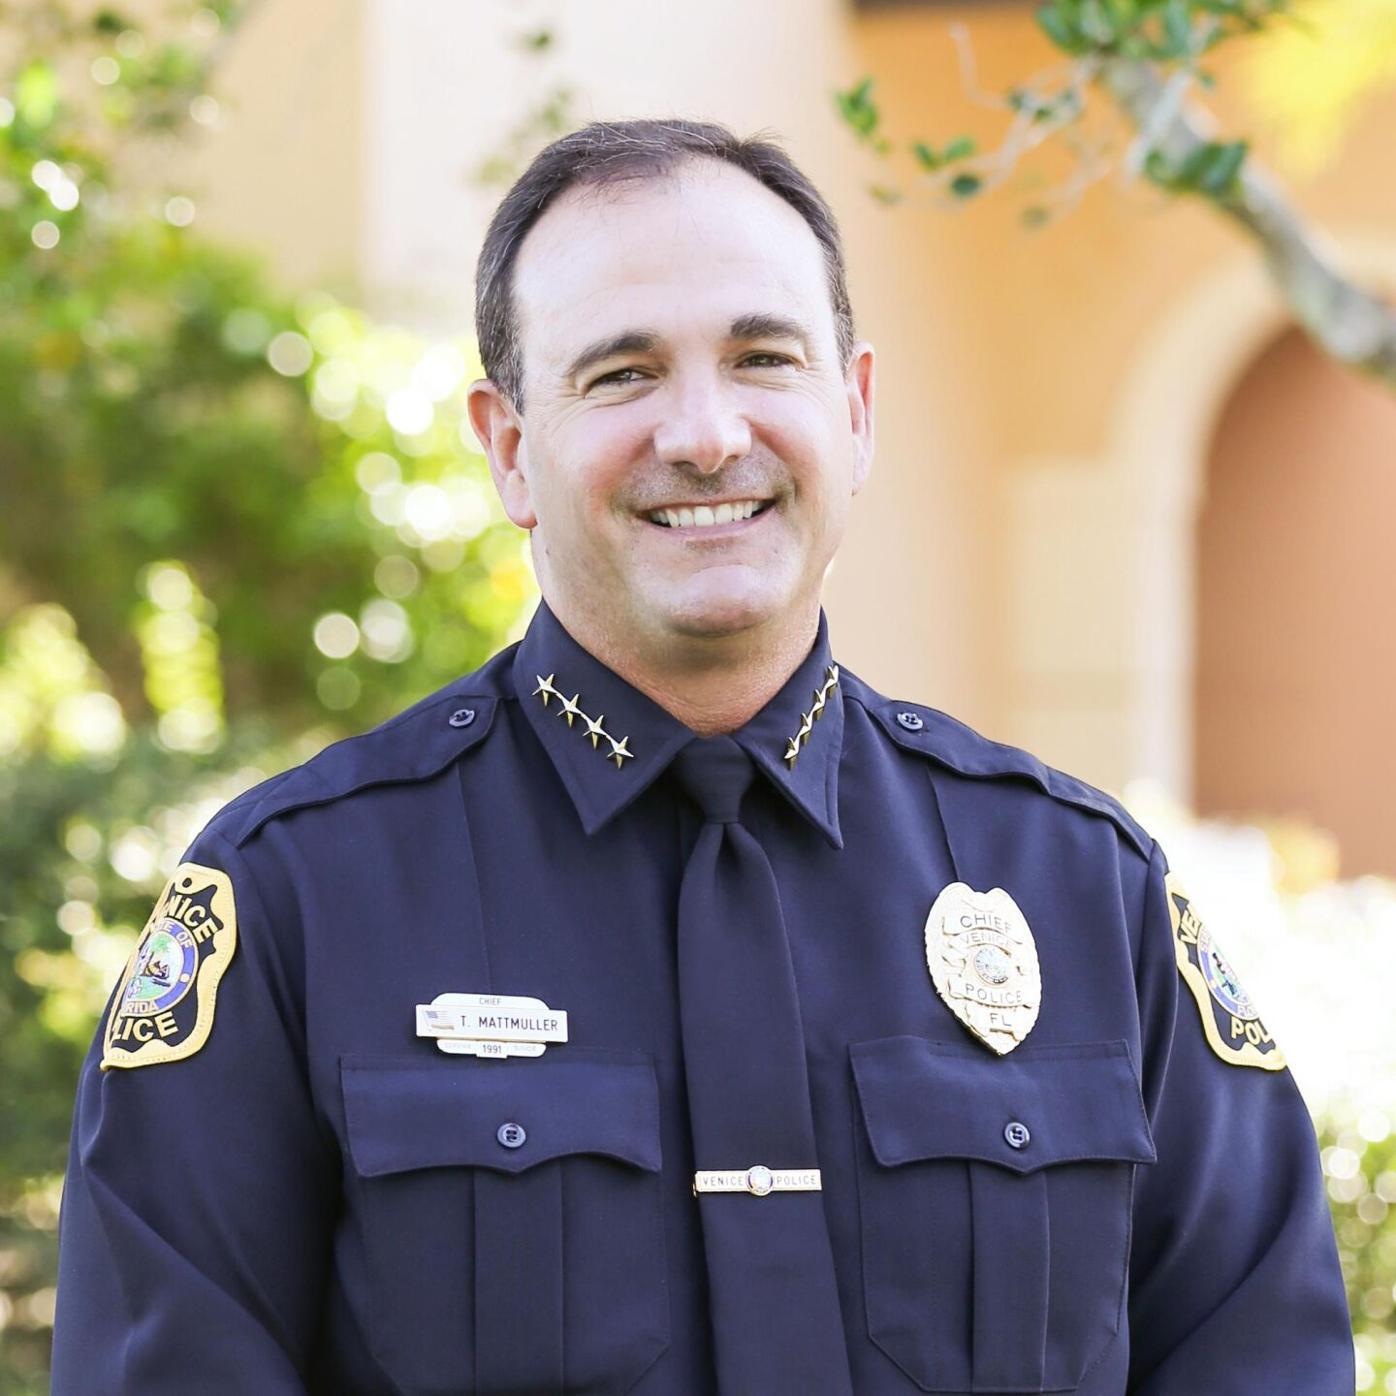 Tom Mattmuller, Venice police chief